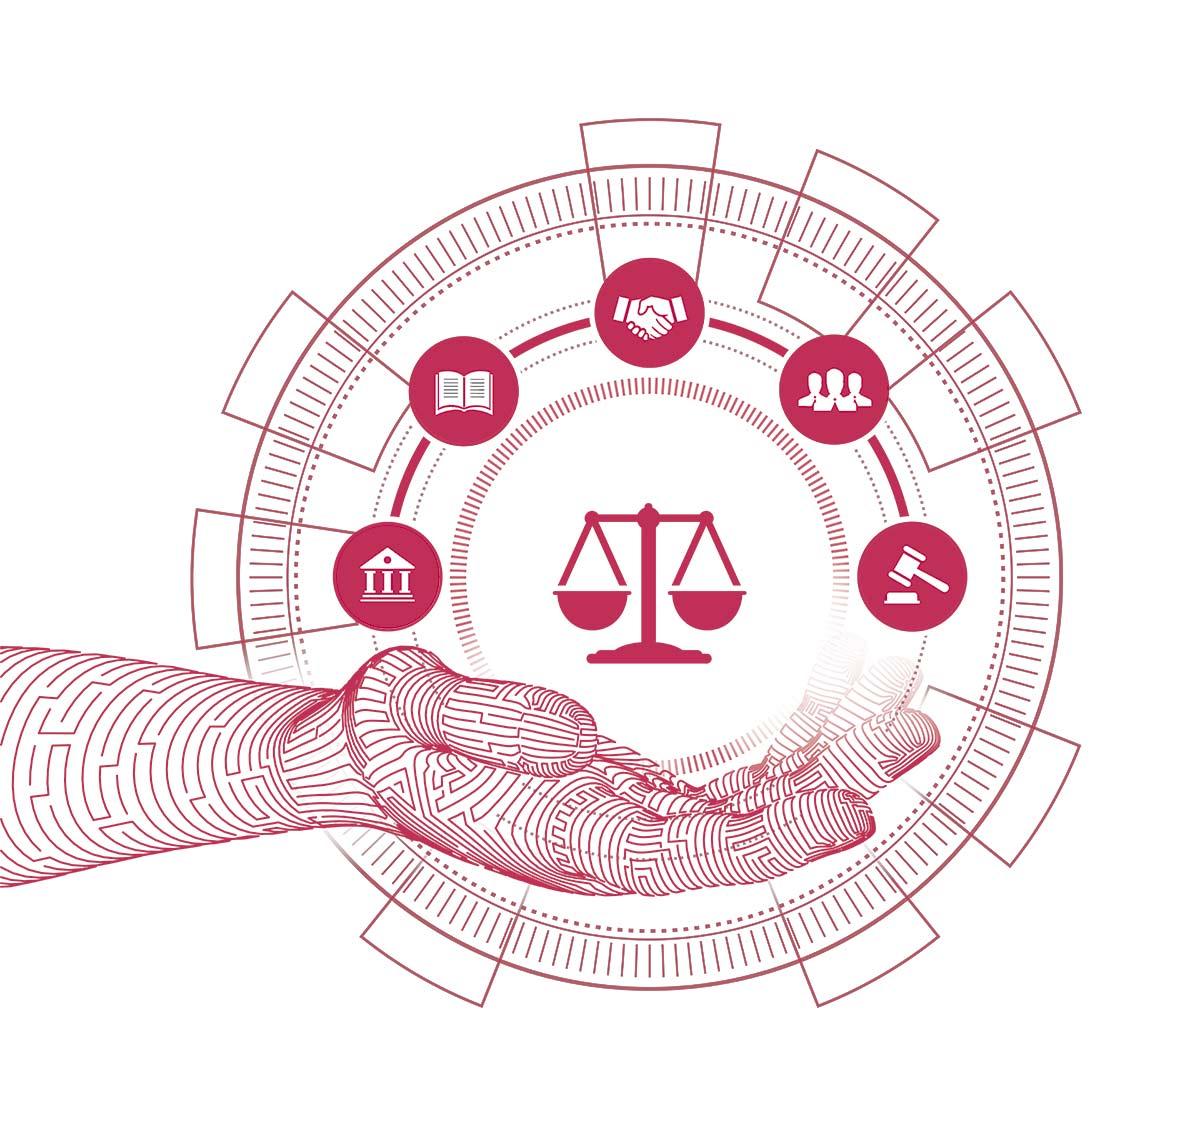 Idimad 360 Agencia de Marketing y Tecnologia Peritajes judiciales y extrajudiciales en Salamanca